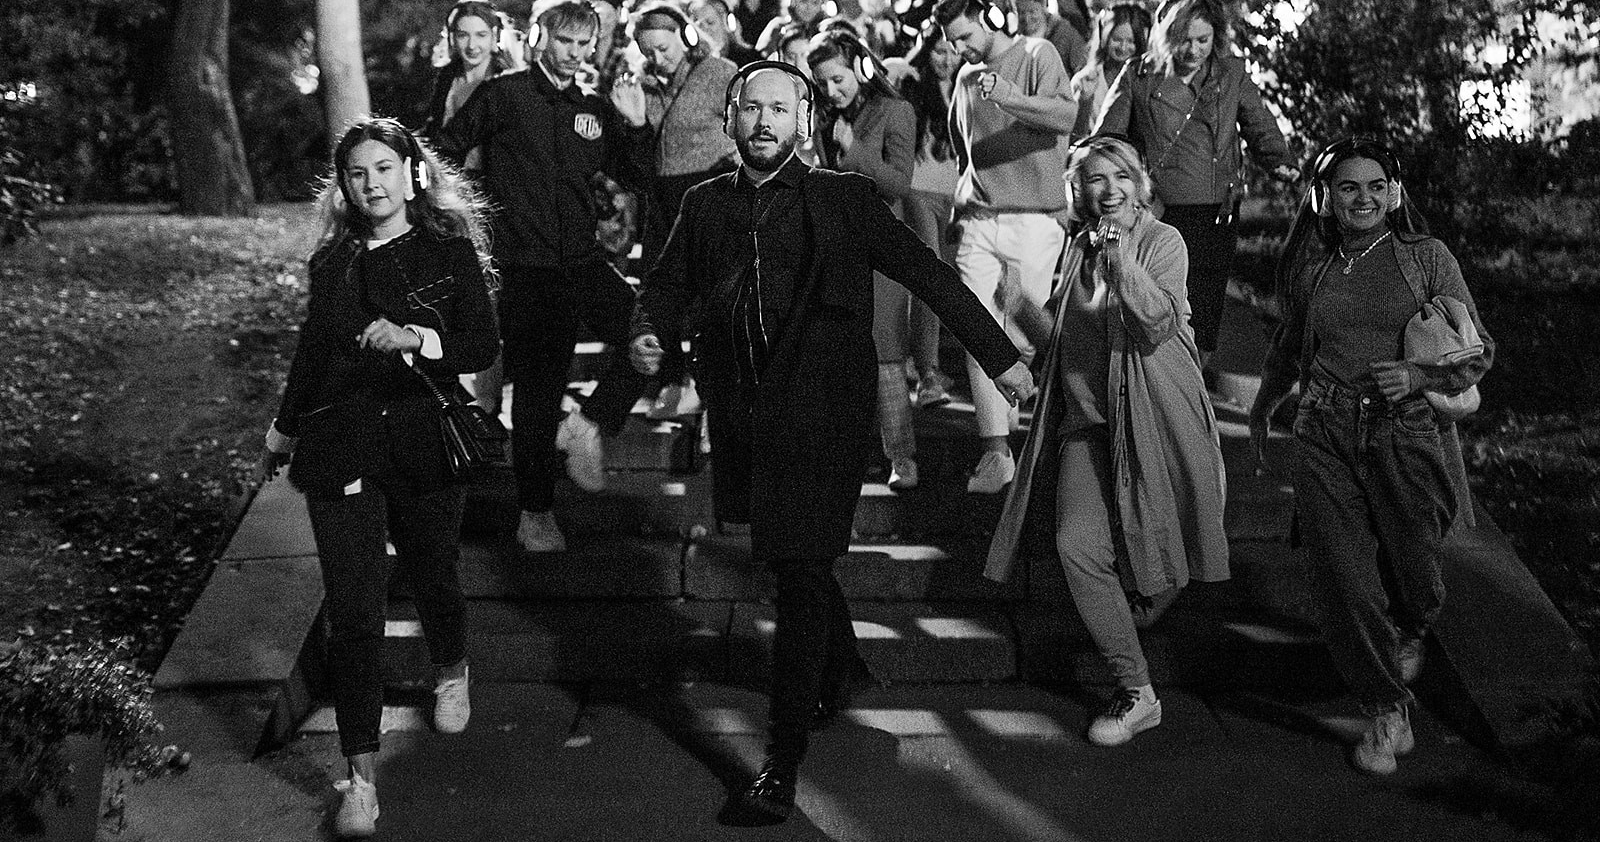 Иммерсивное шоу «Пой, танцуй» — необычное развлечение